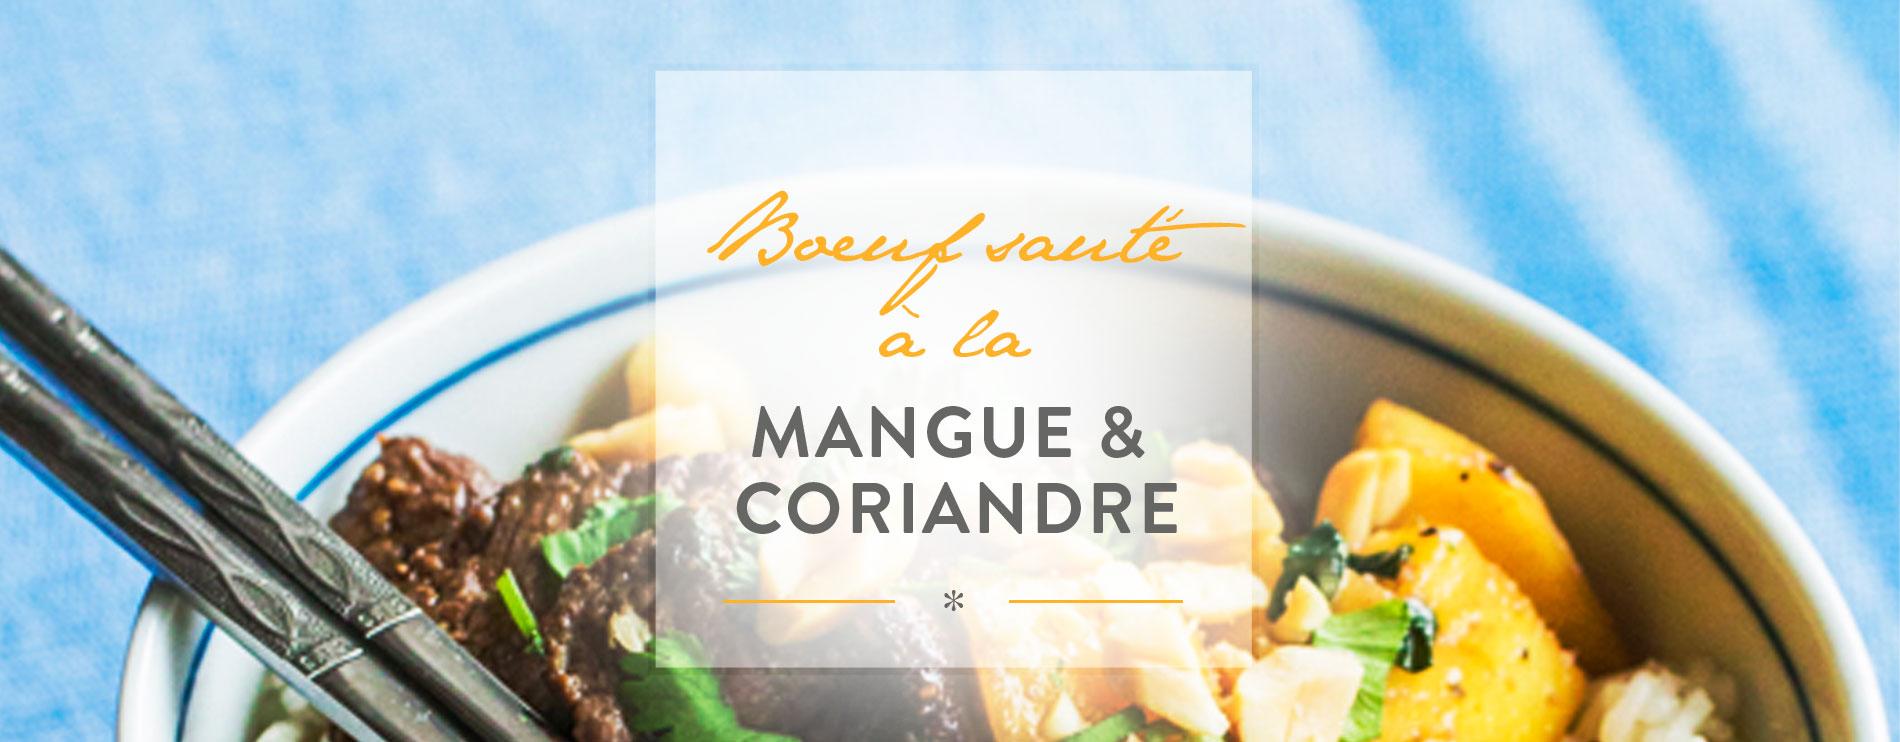 westwing-Boeuf sauté à la mangue et à la coriandre